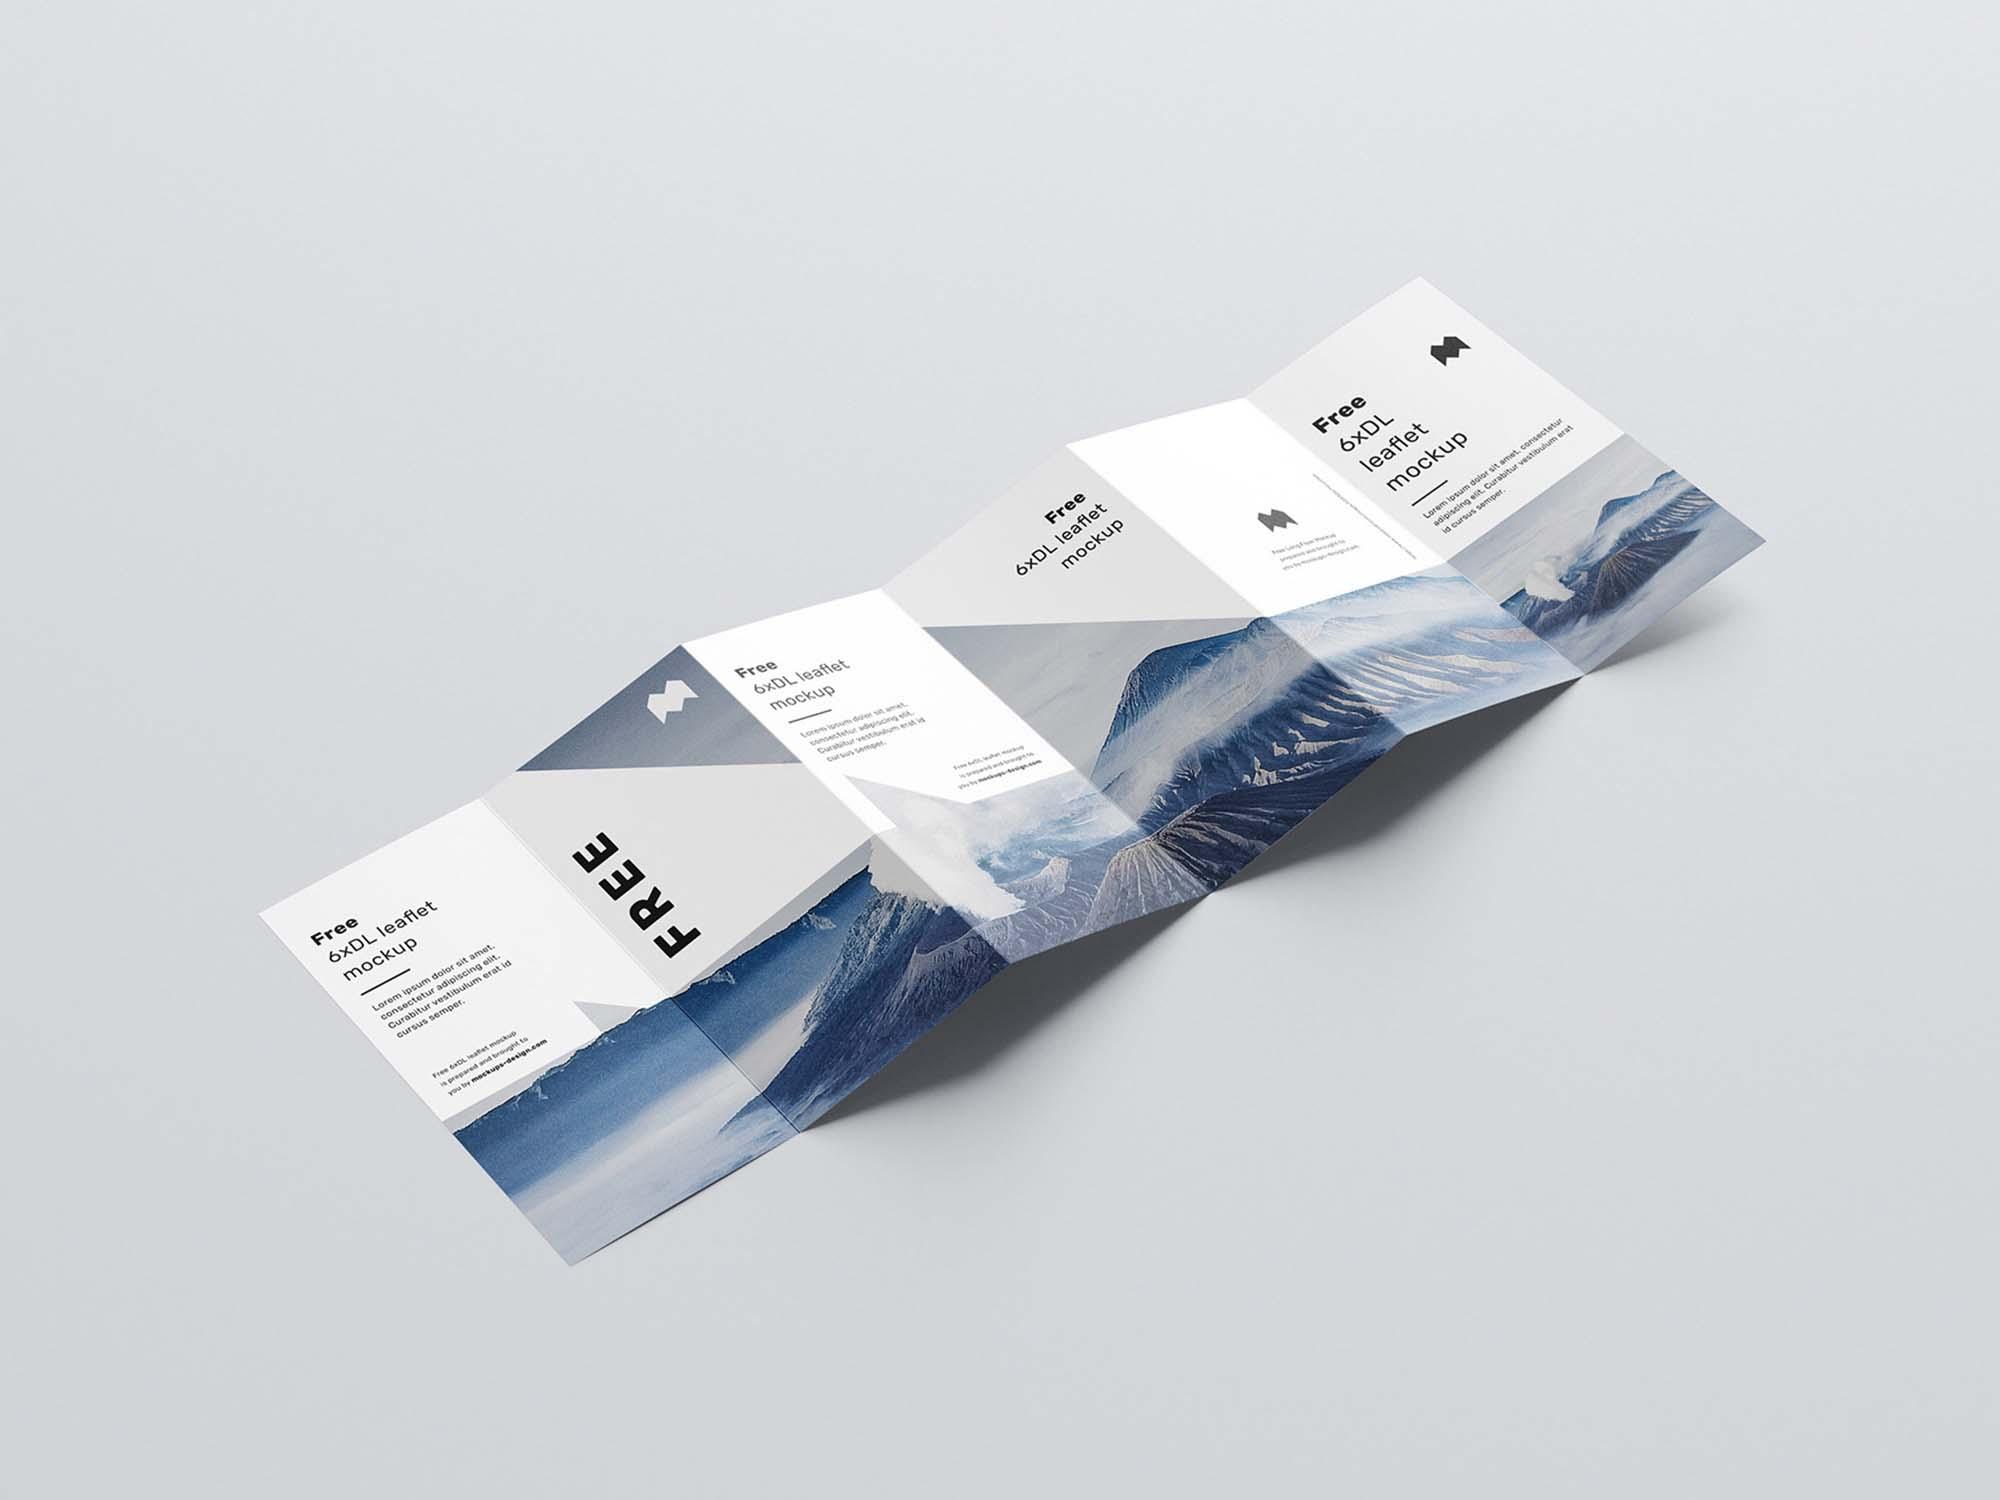 6 Fold DL Leaflet Mockup 3